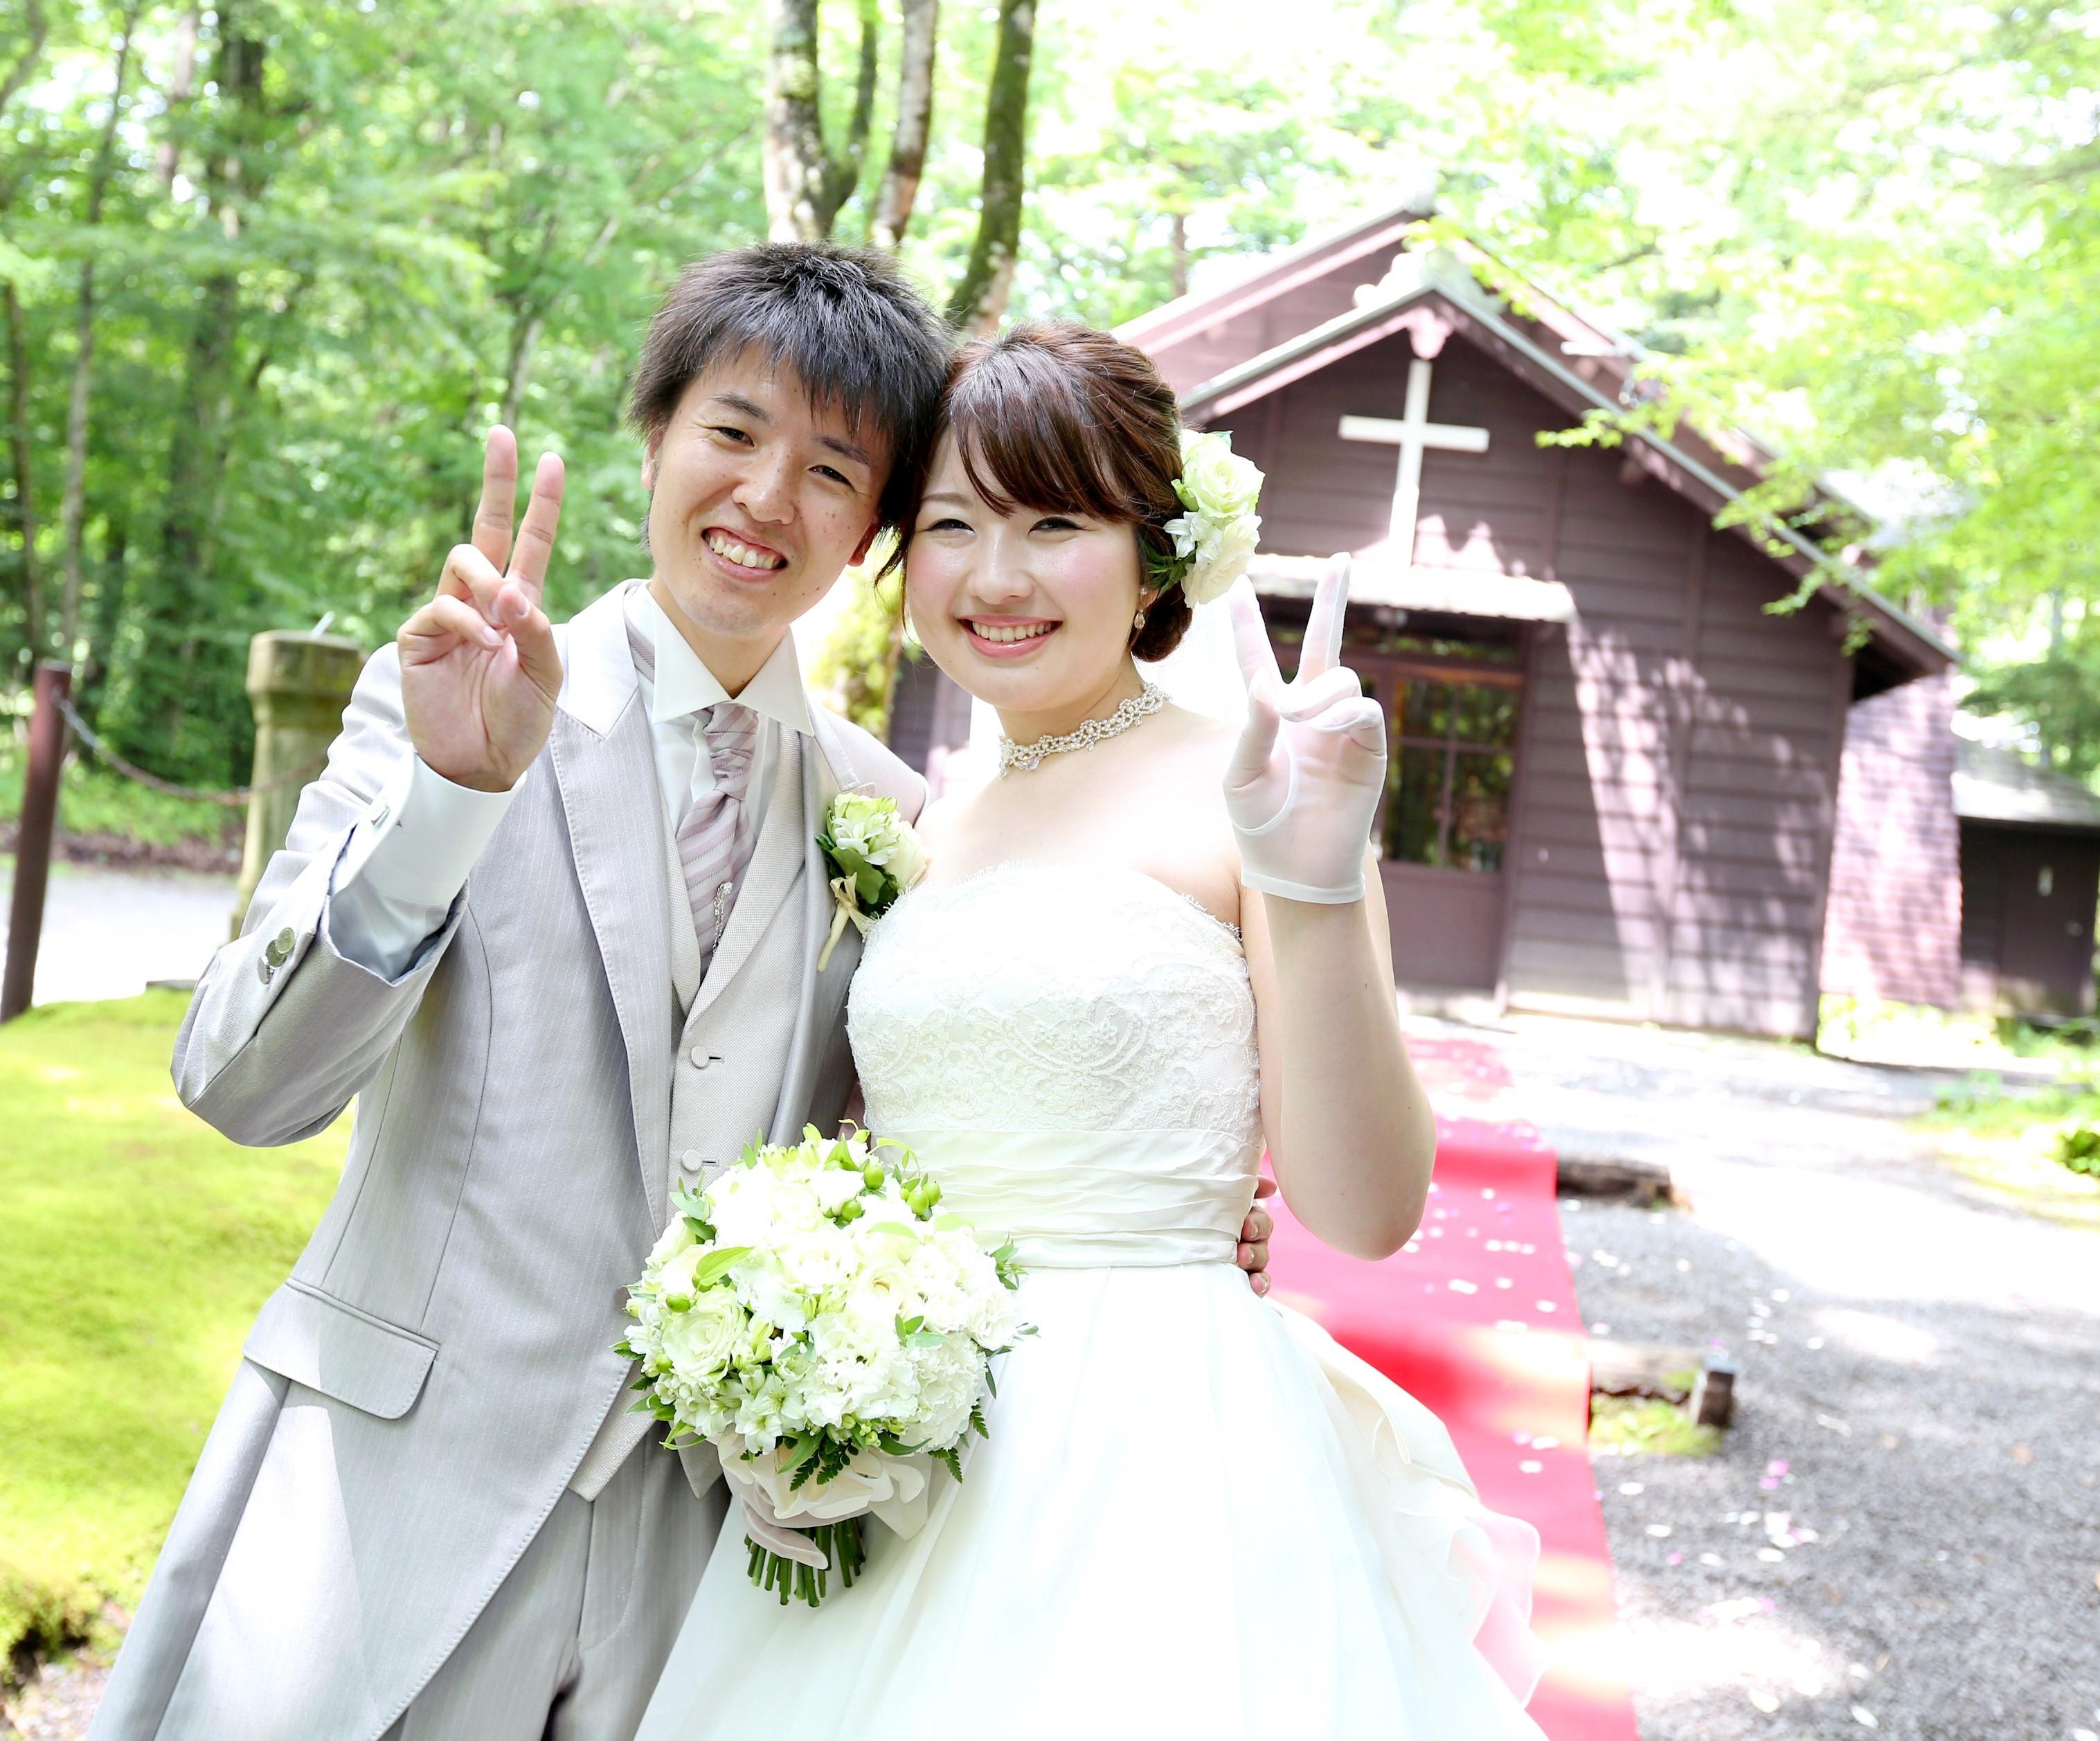 軽井沢最古の歴史ある教会で結婚式 「軽井沢ウエディング 公開挙式」 開催